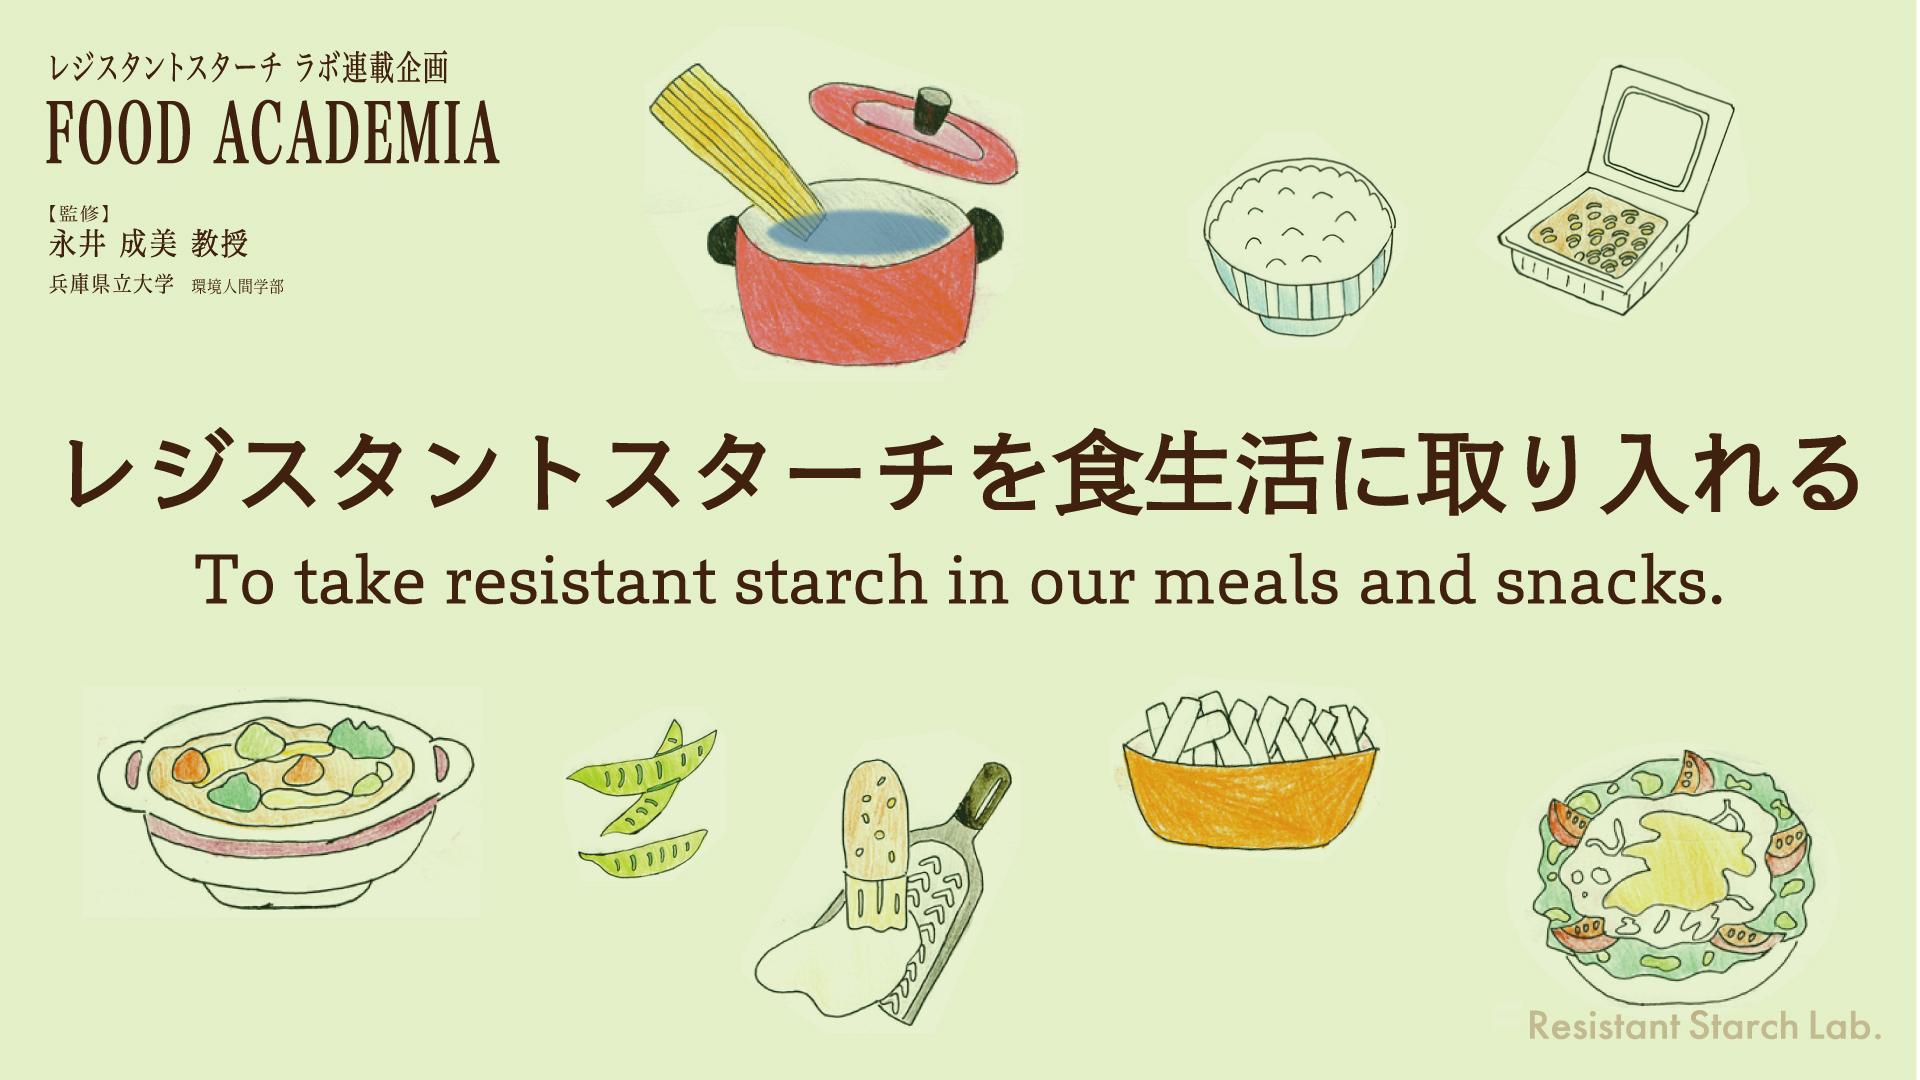 実践編「レジスタントスターチ(RS)を食生活に取り入れる」